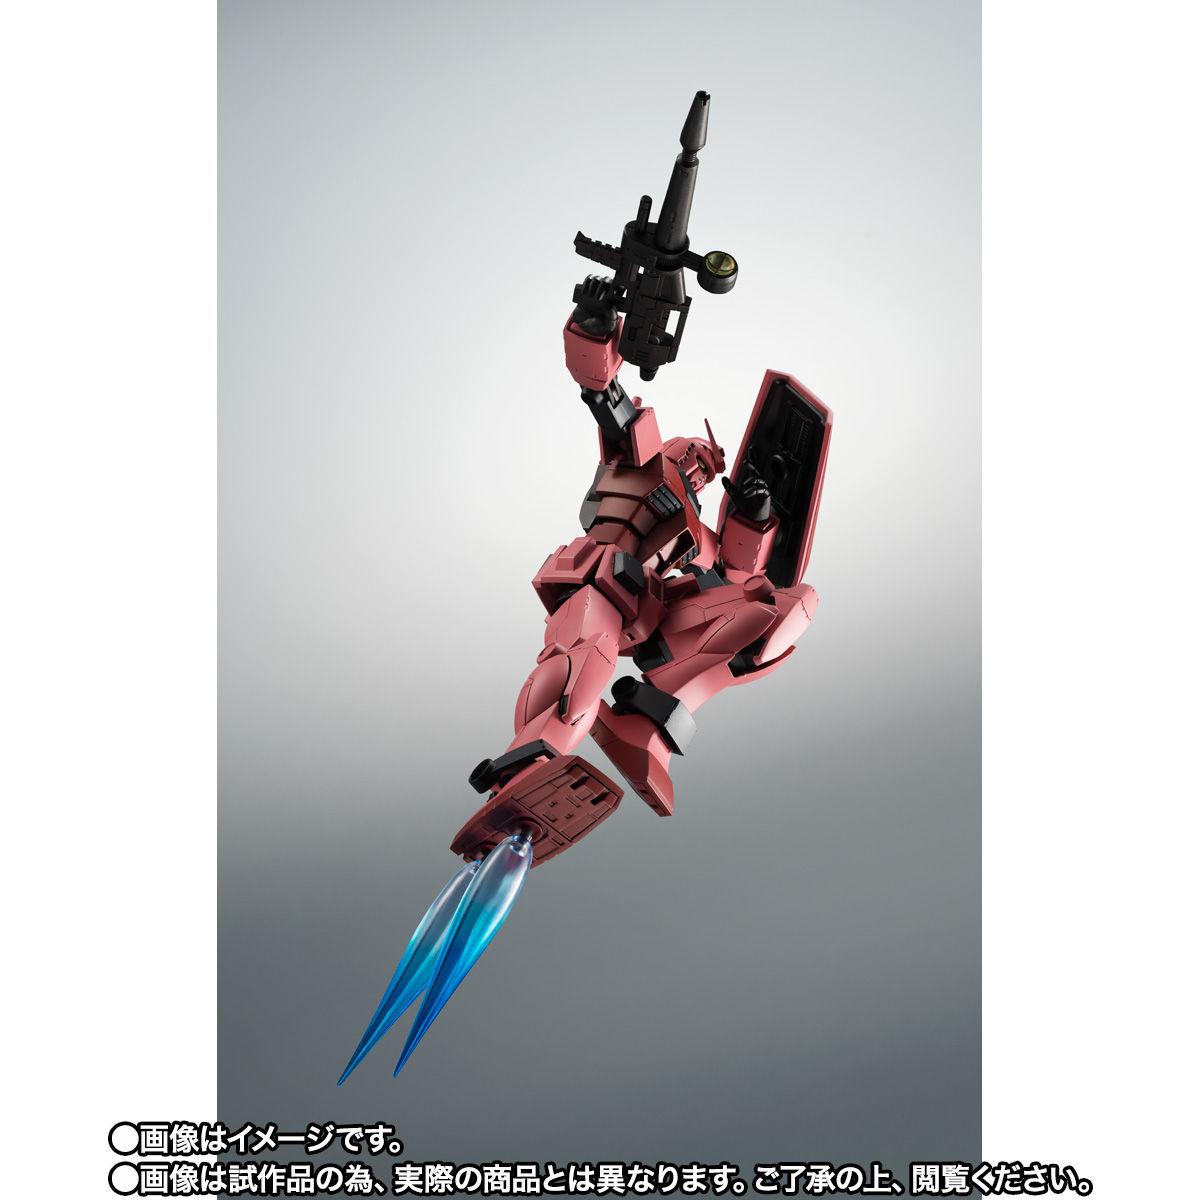 【限定販売】ROBOT魂〈SIDE MS〉『RX-78/C.A キャスバル専用ガンダム ver. A.N.I.M.E.』ギレンの野望 可動フィギュア-005